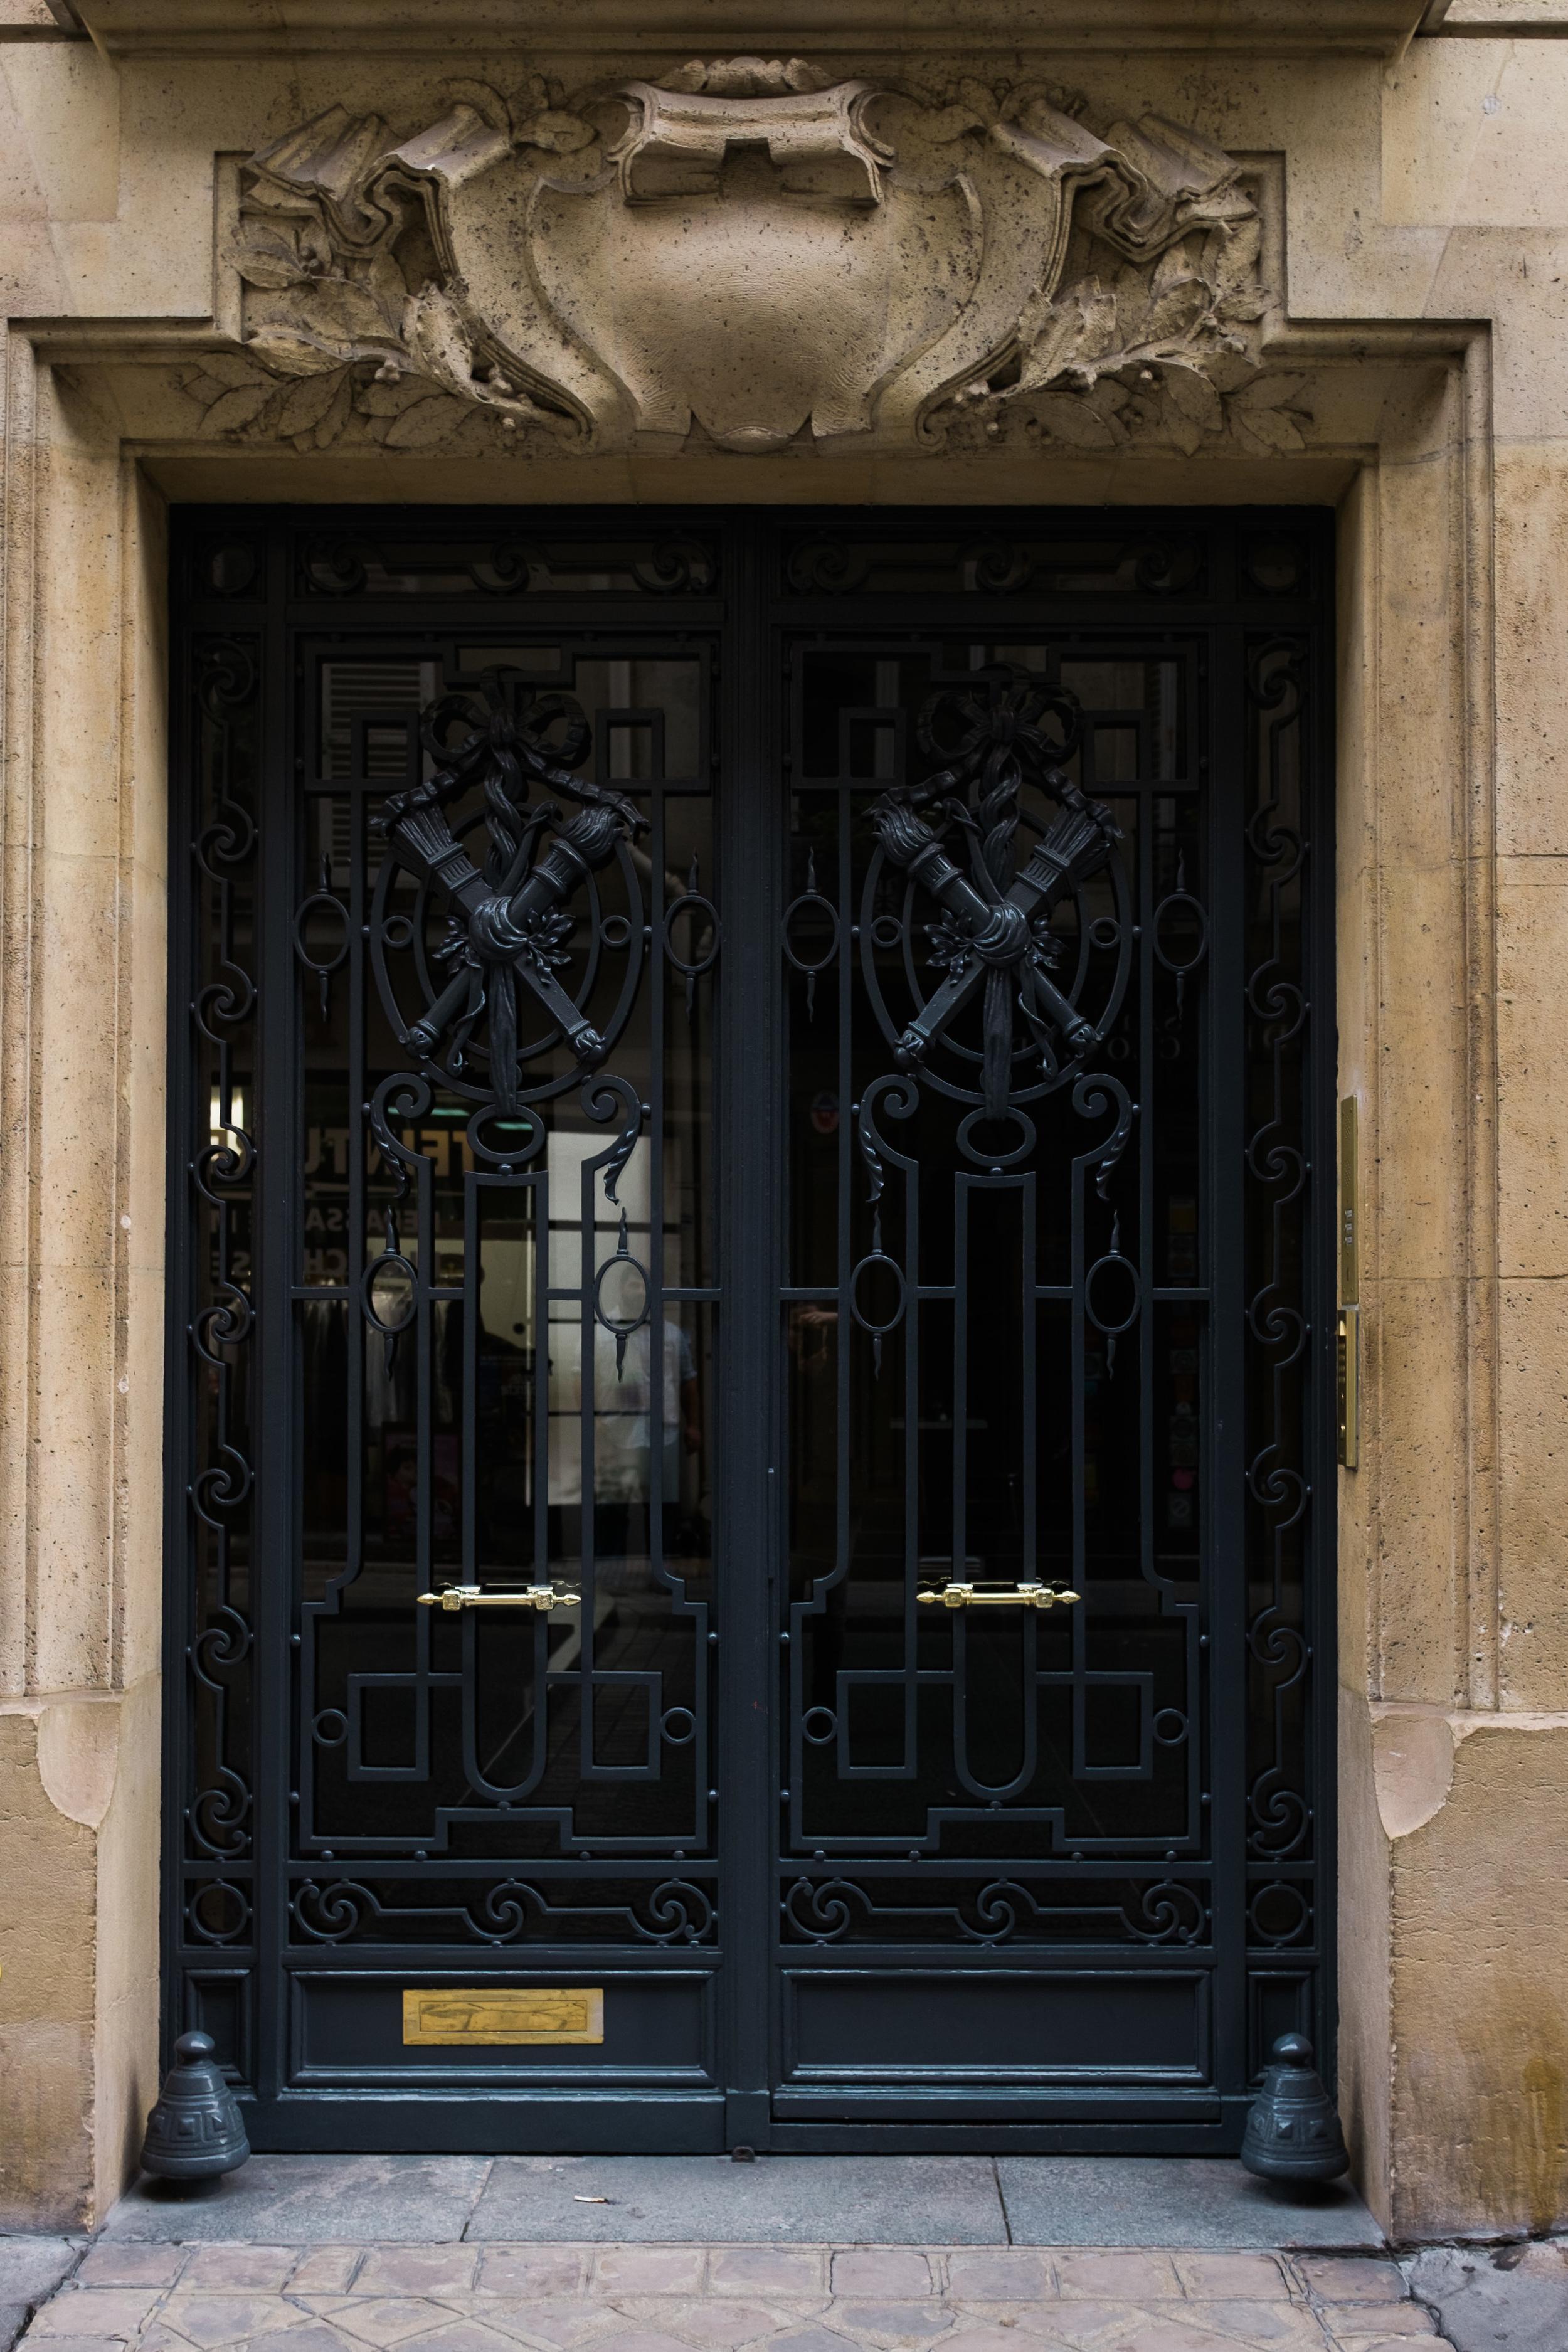 london-britian-cambridge-stmalo-mont-saint-michel-france-normandy-paris-100.jpg